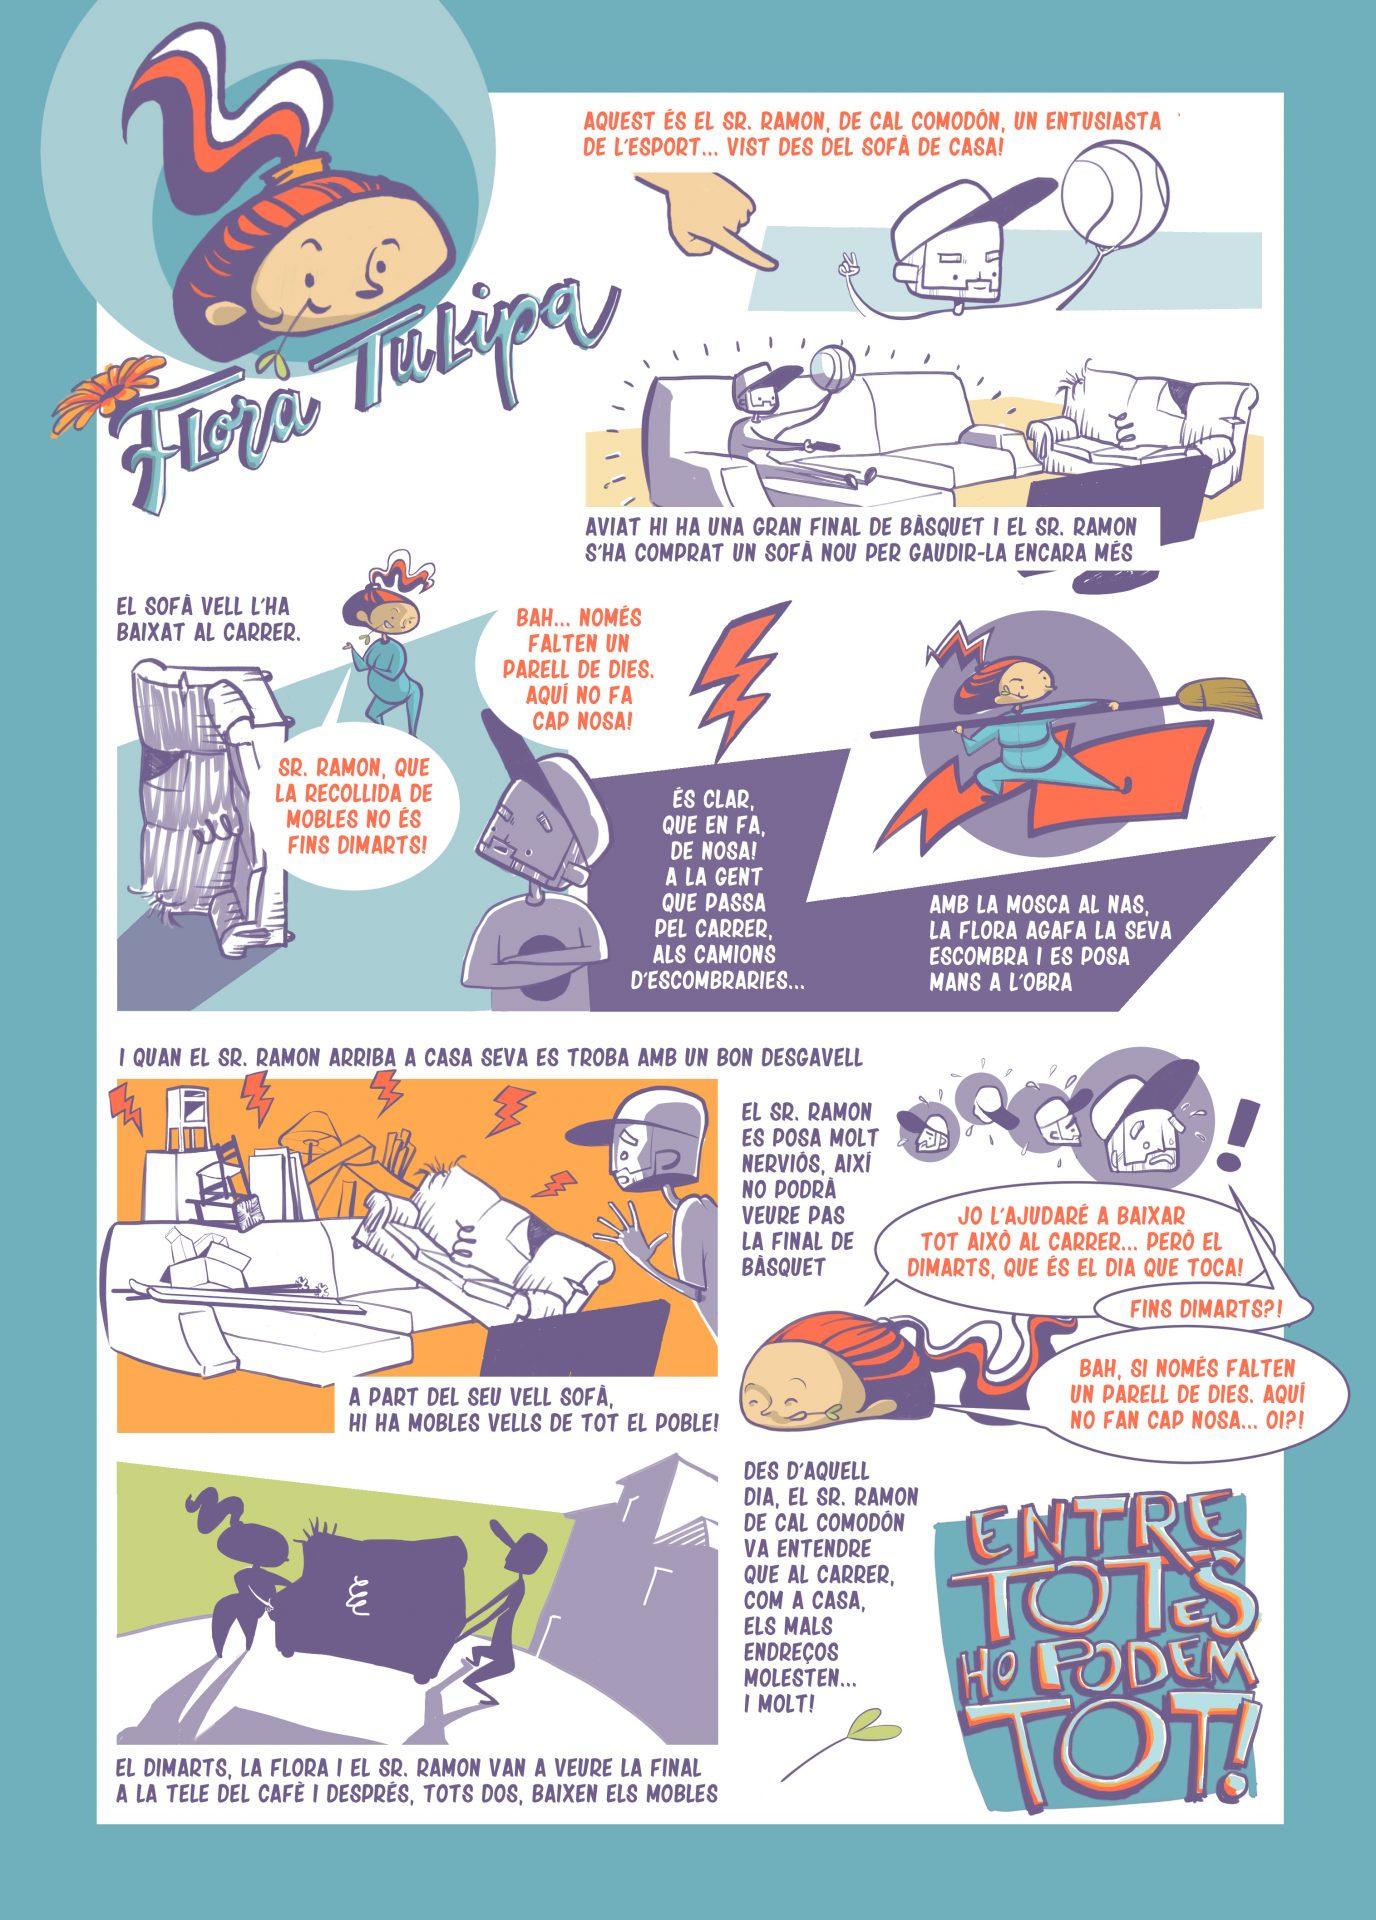 Còmic sobre la incorrecta gestió dels residus voluminosos de les llars